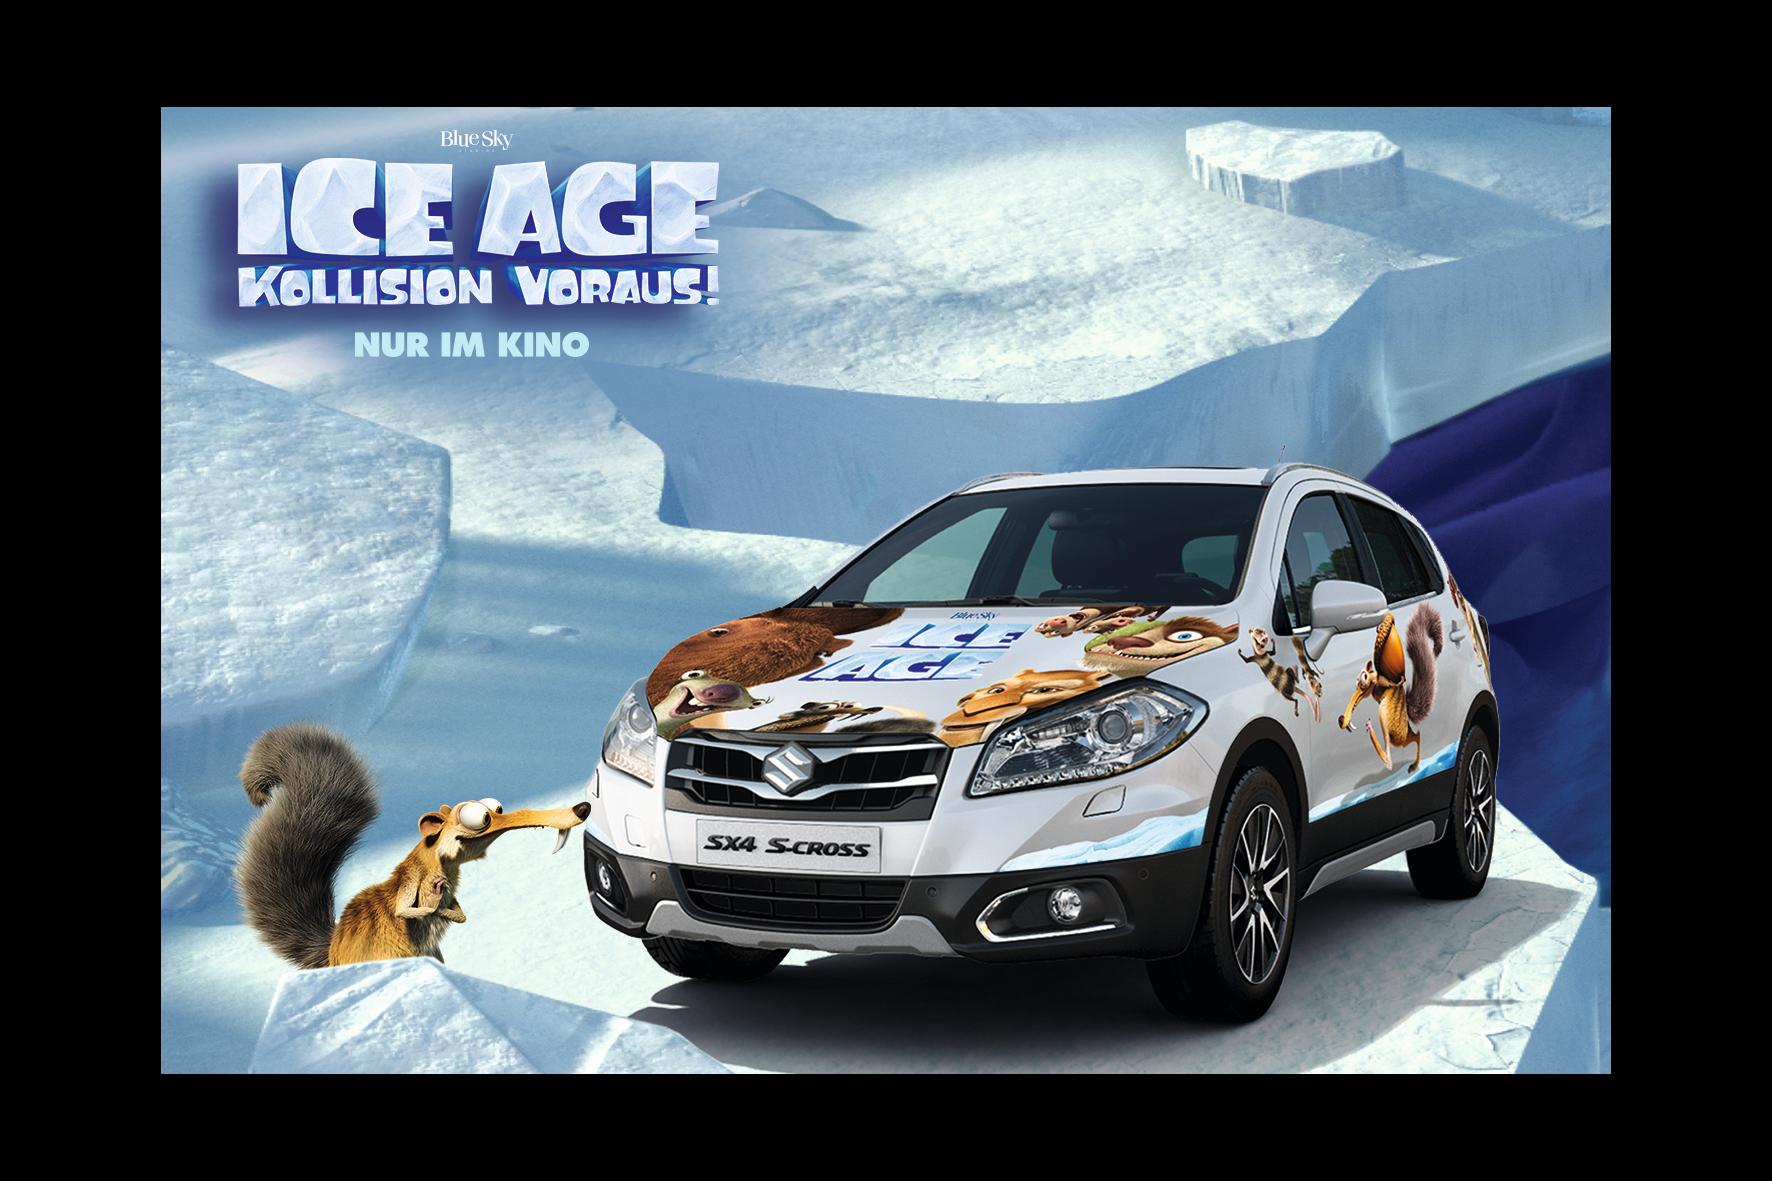 """mid Groß-Gerau - Film ab: Zum Start von """"Ice Age – Kollision voraus"""" wird ein Suzuki SX4 S-Cross im Design des Animations-Streifens verlost."""